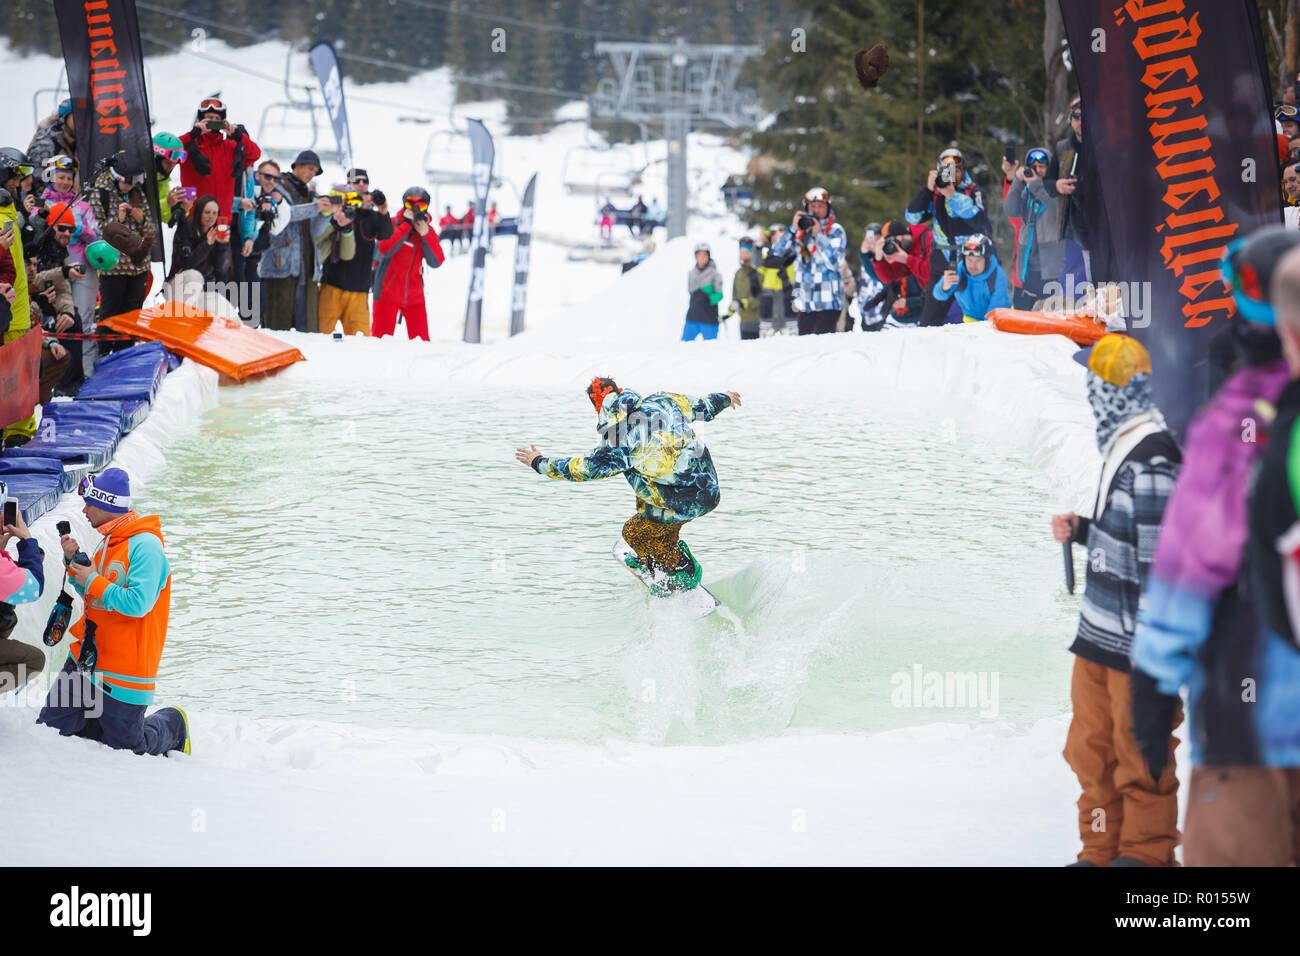 Ucrania Bukovel 24 De Marzo 2018 Piscina De Snowboard Concurso De